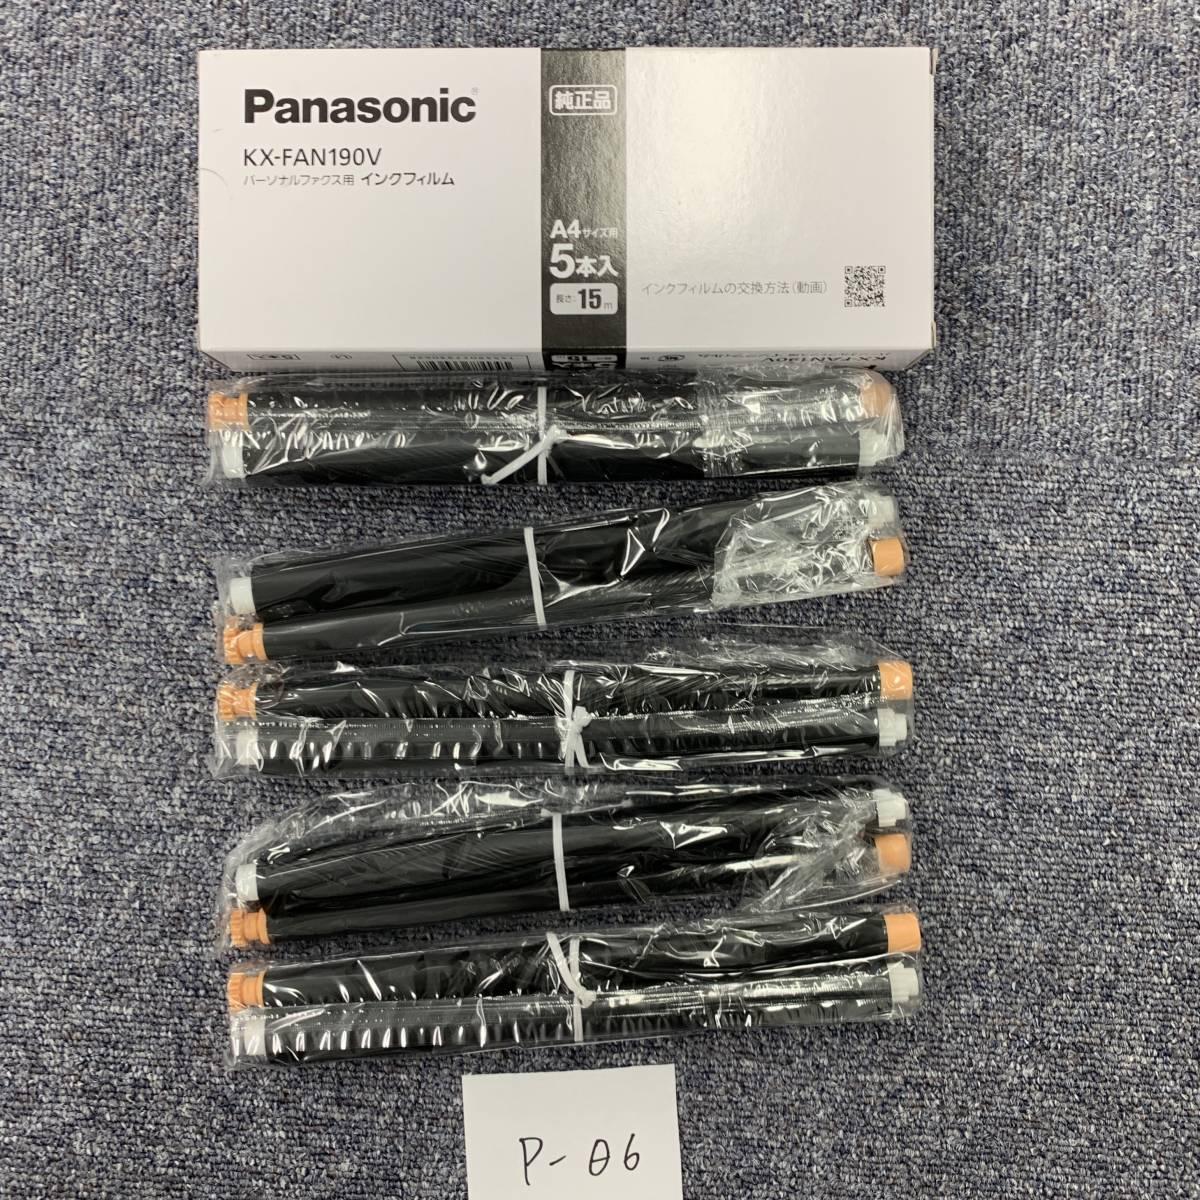 P-06 未使用 Panasonic KX-FAN190V おたっくす パーソナルファックス用インクフィルム A4サイズ用5本入り長さ15m パナソニック